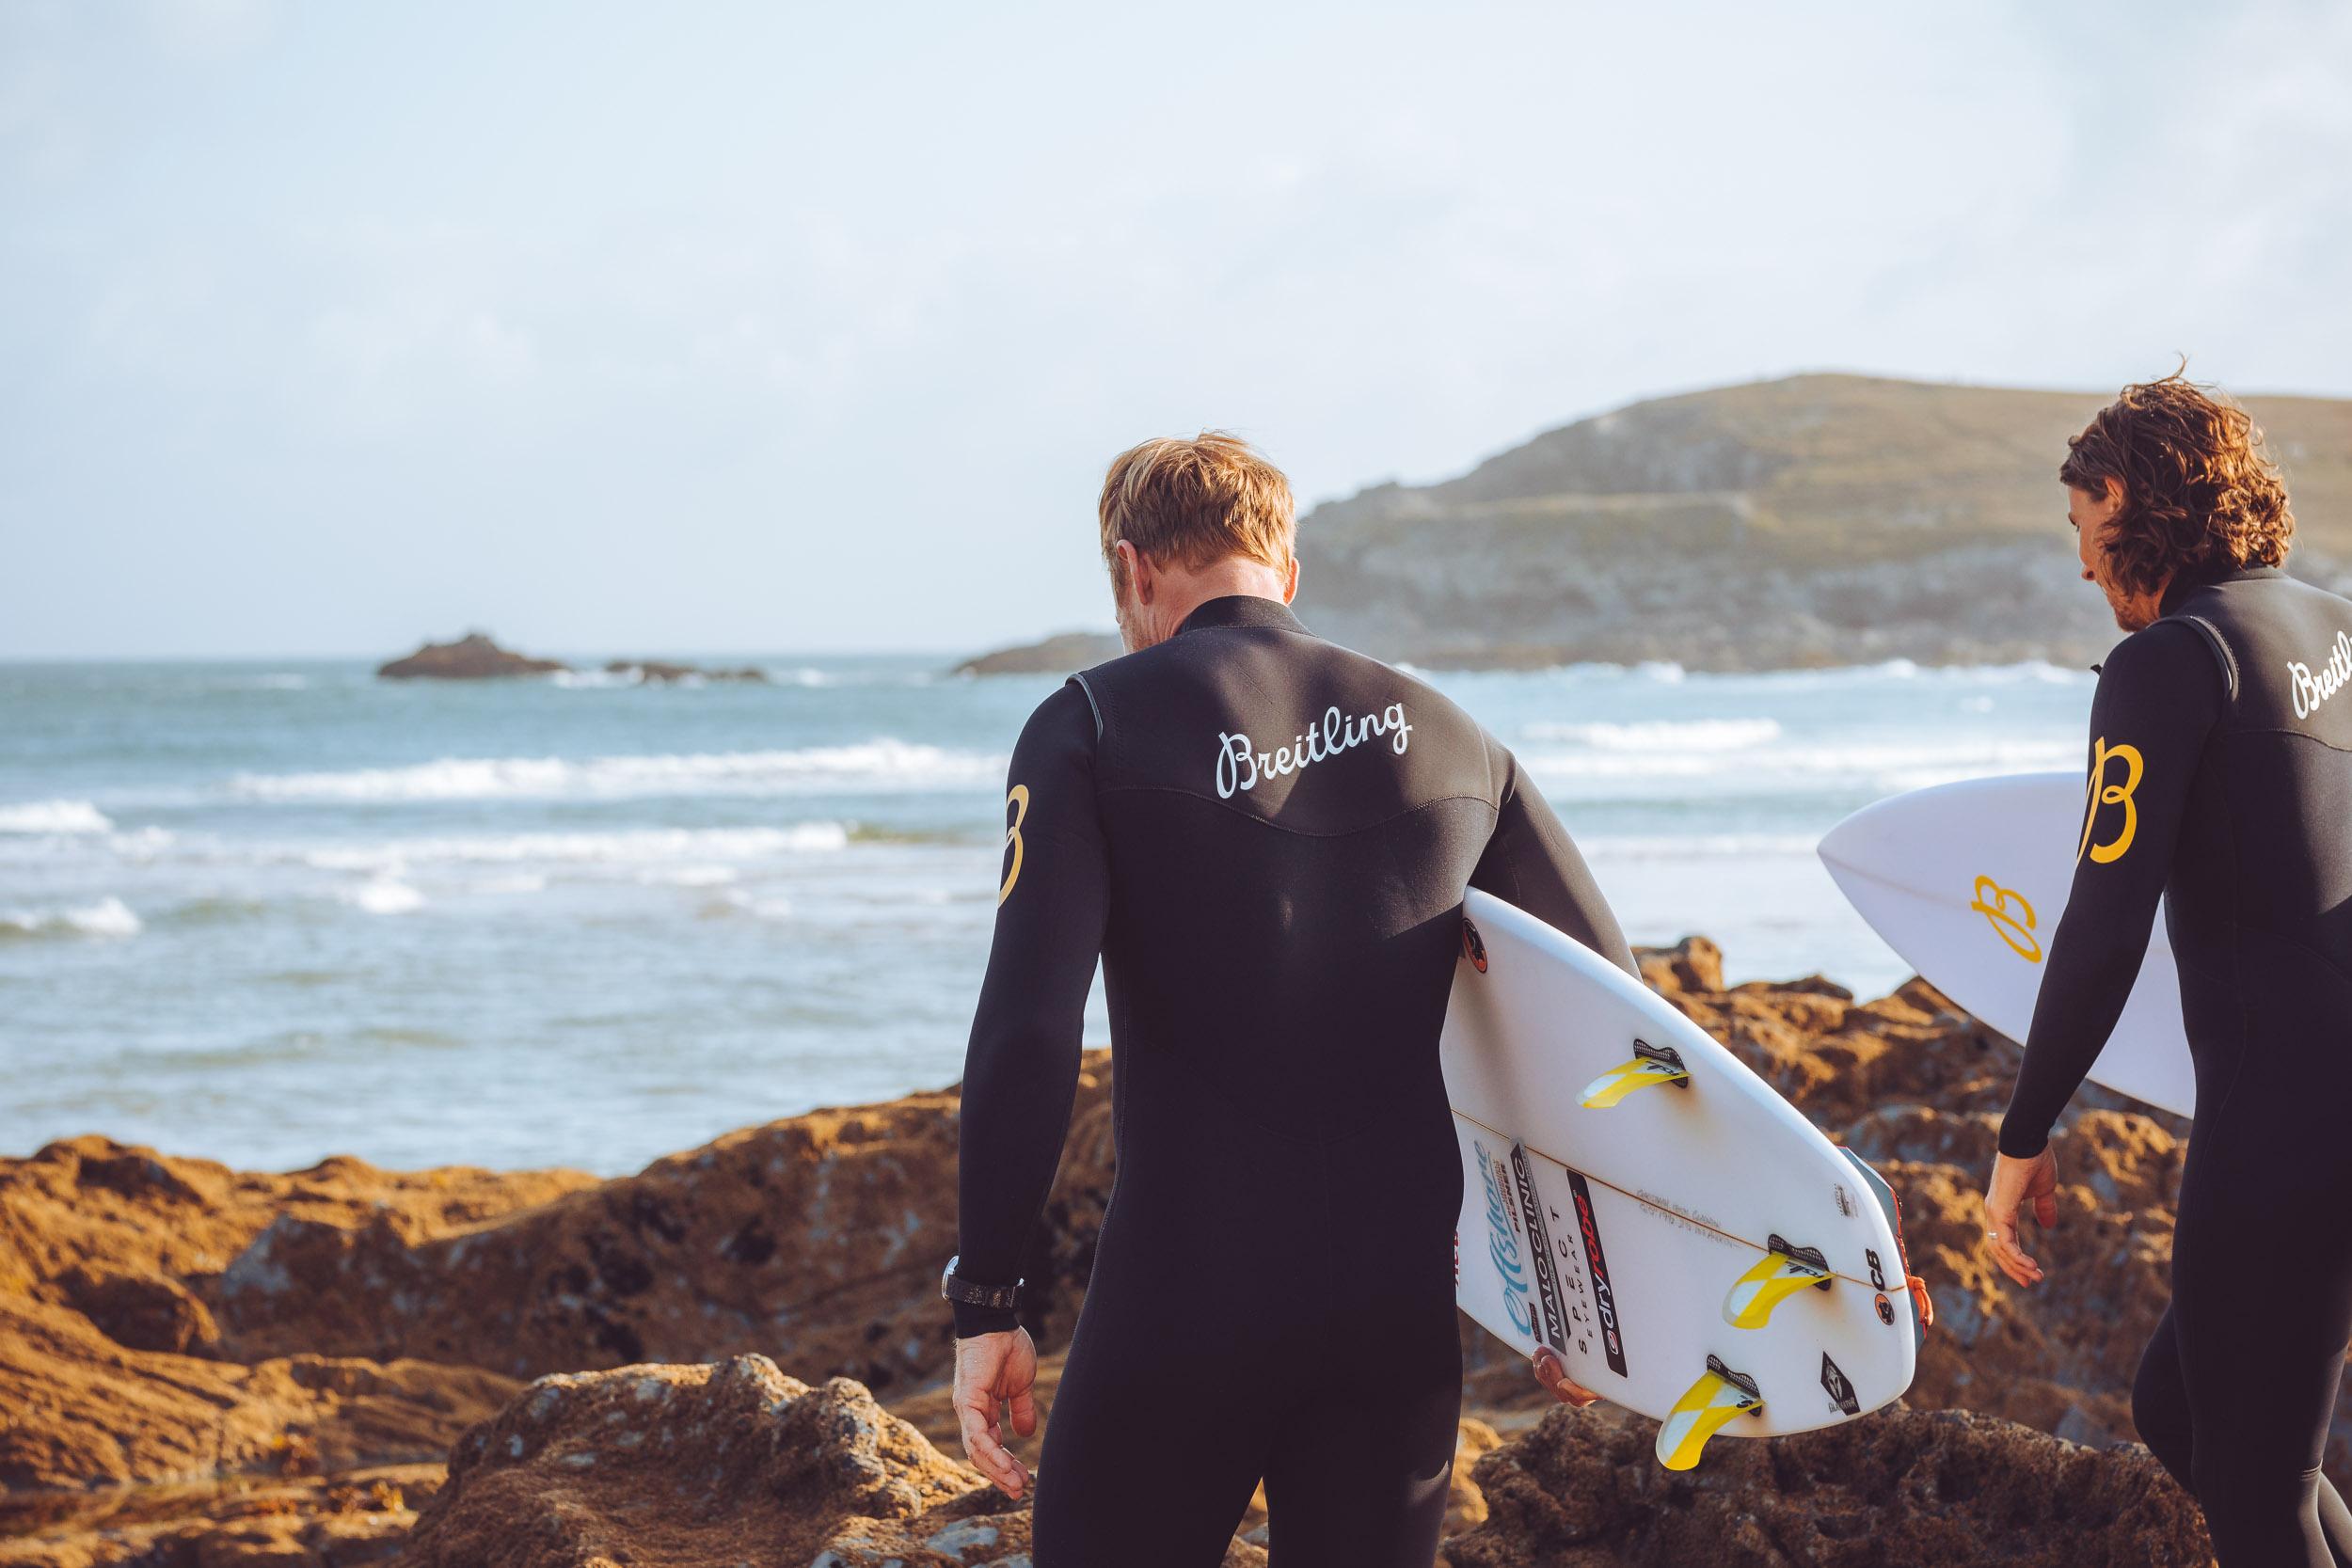 BREITLING-SURF-Finn-Beales-16.jpg